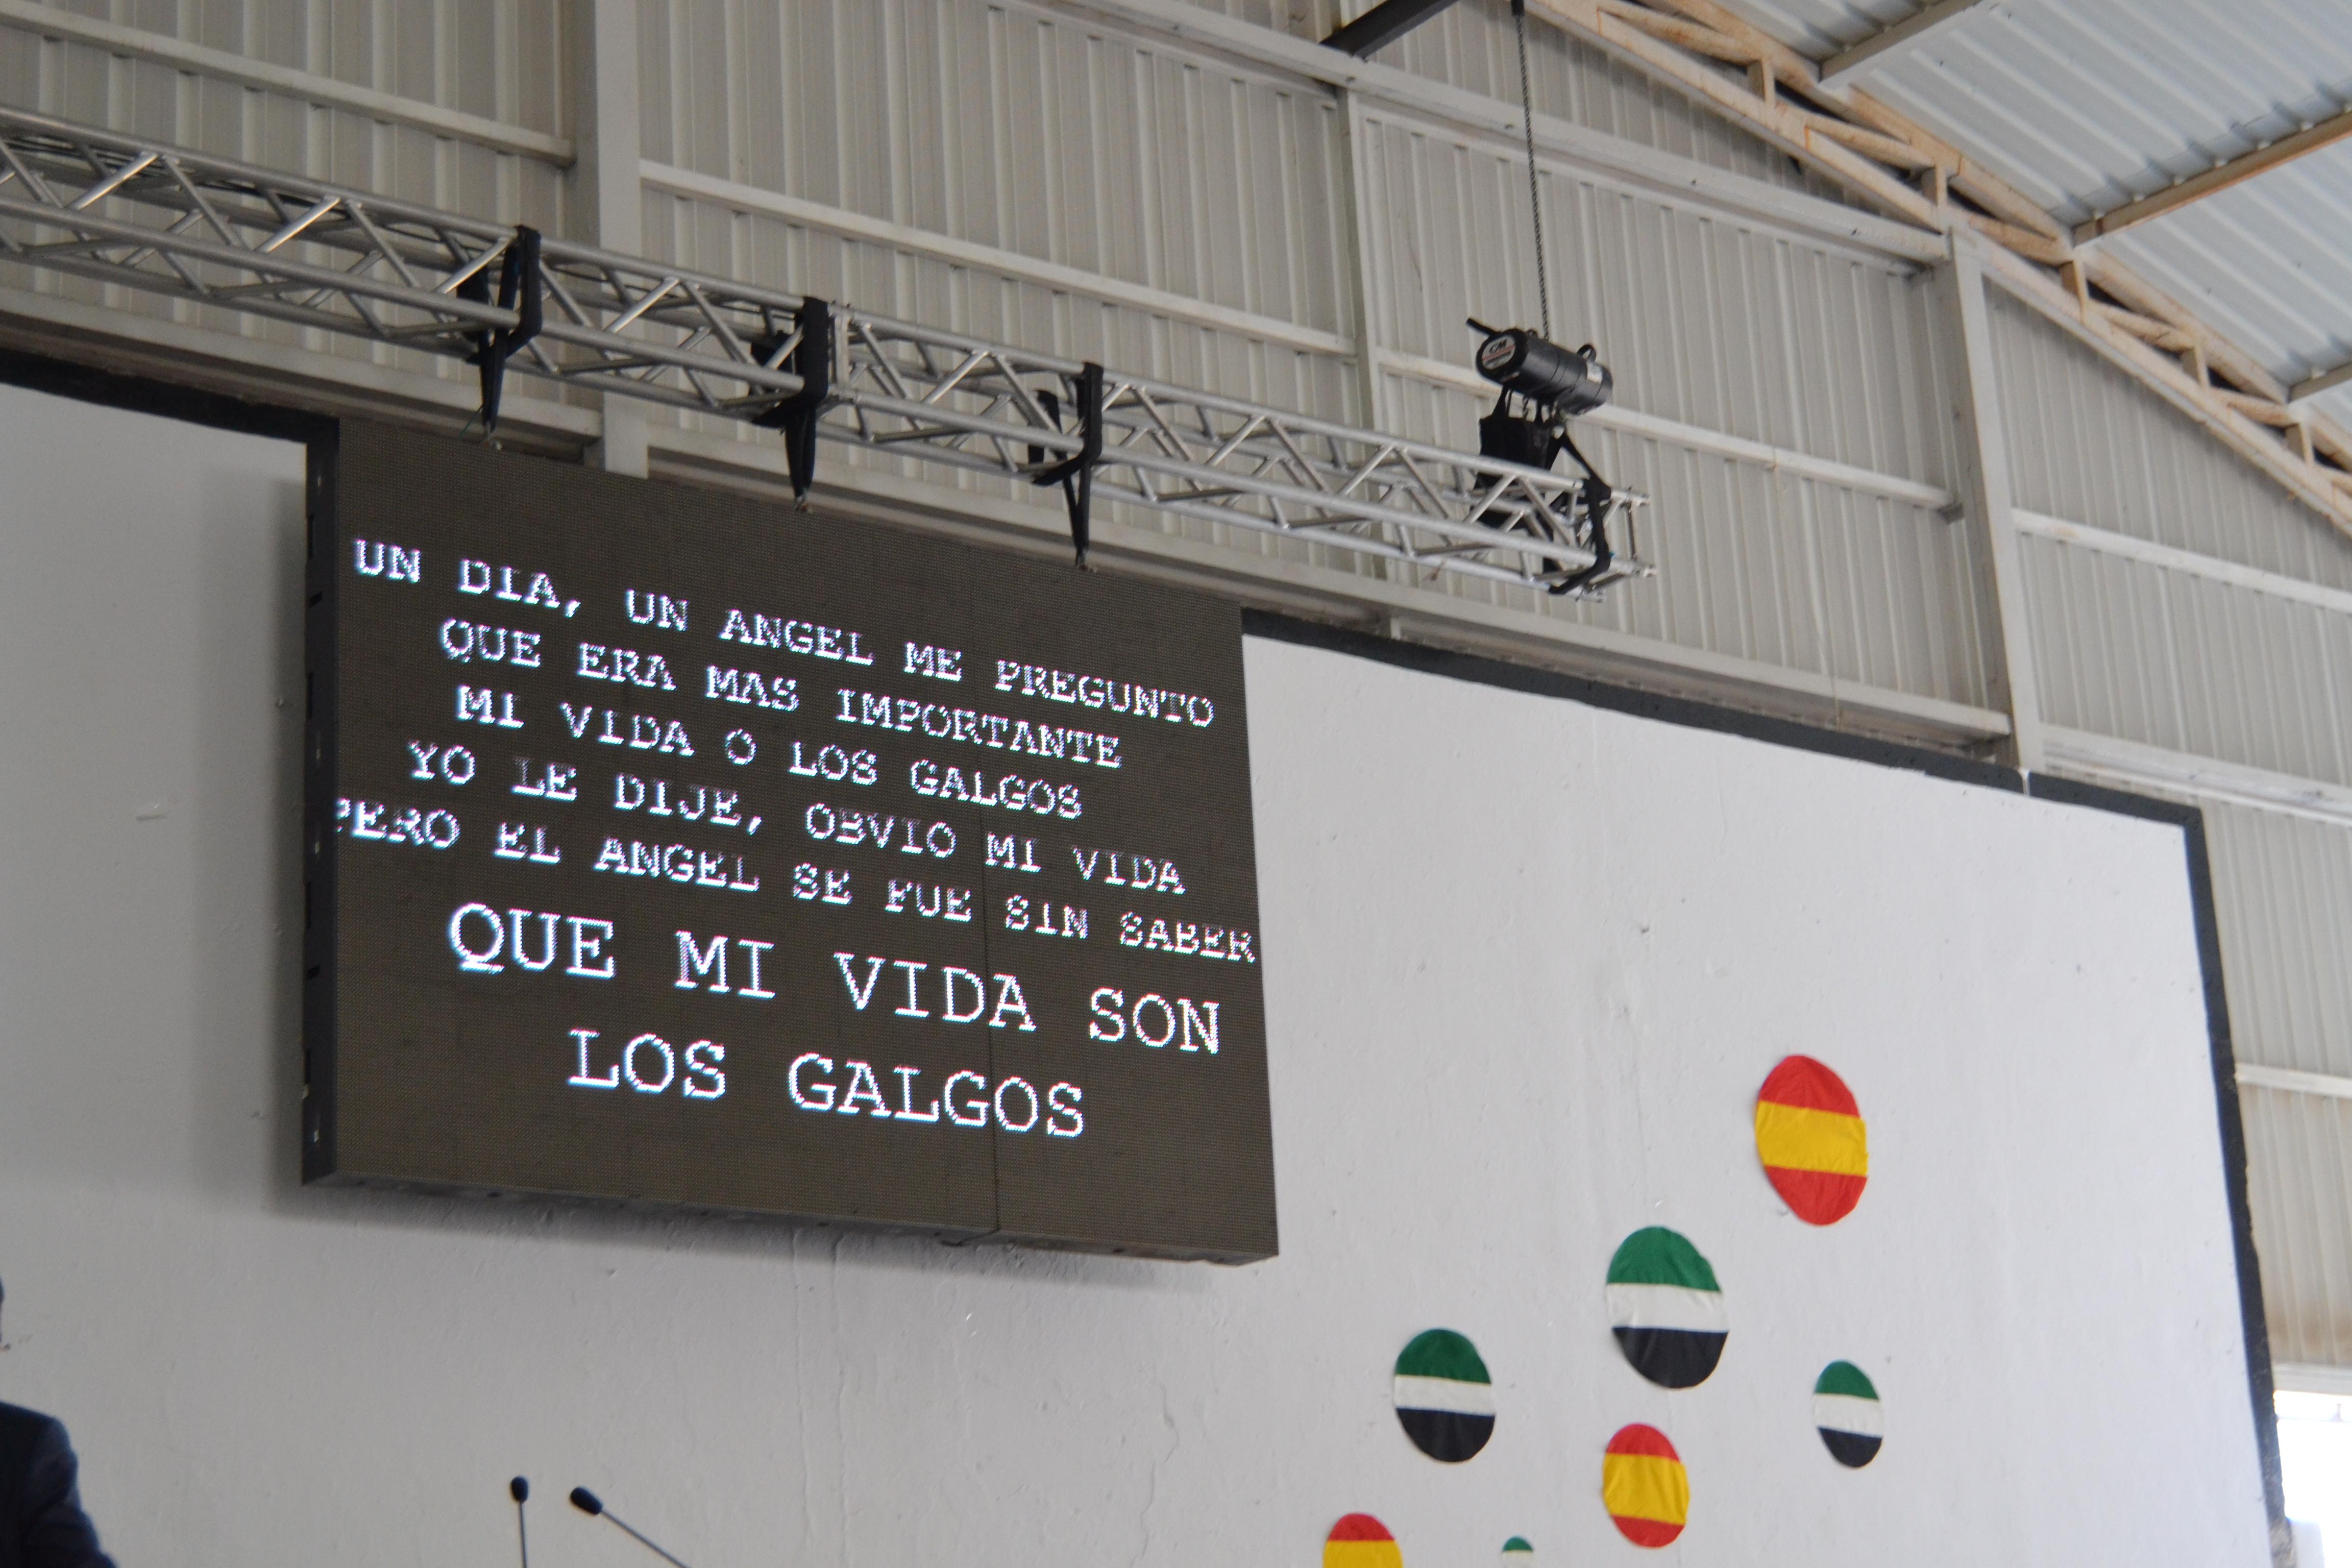 V FERIA INTENACIONAL DEL GALGO Y XXVII CAMPEONATO NACIONAL